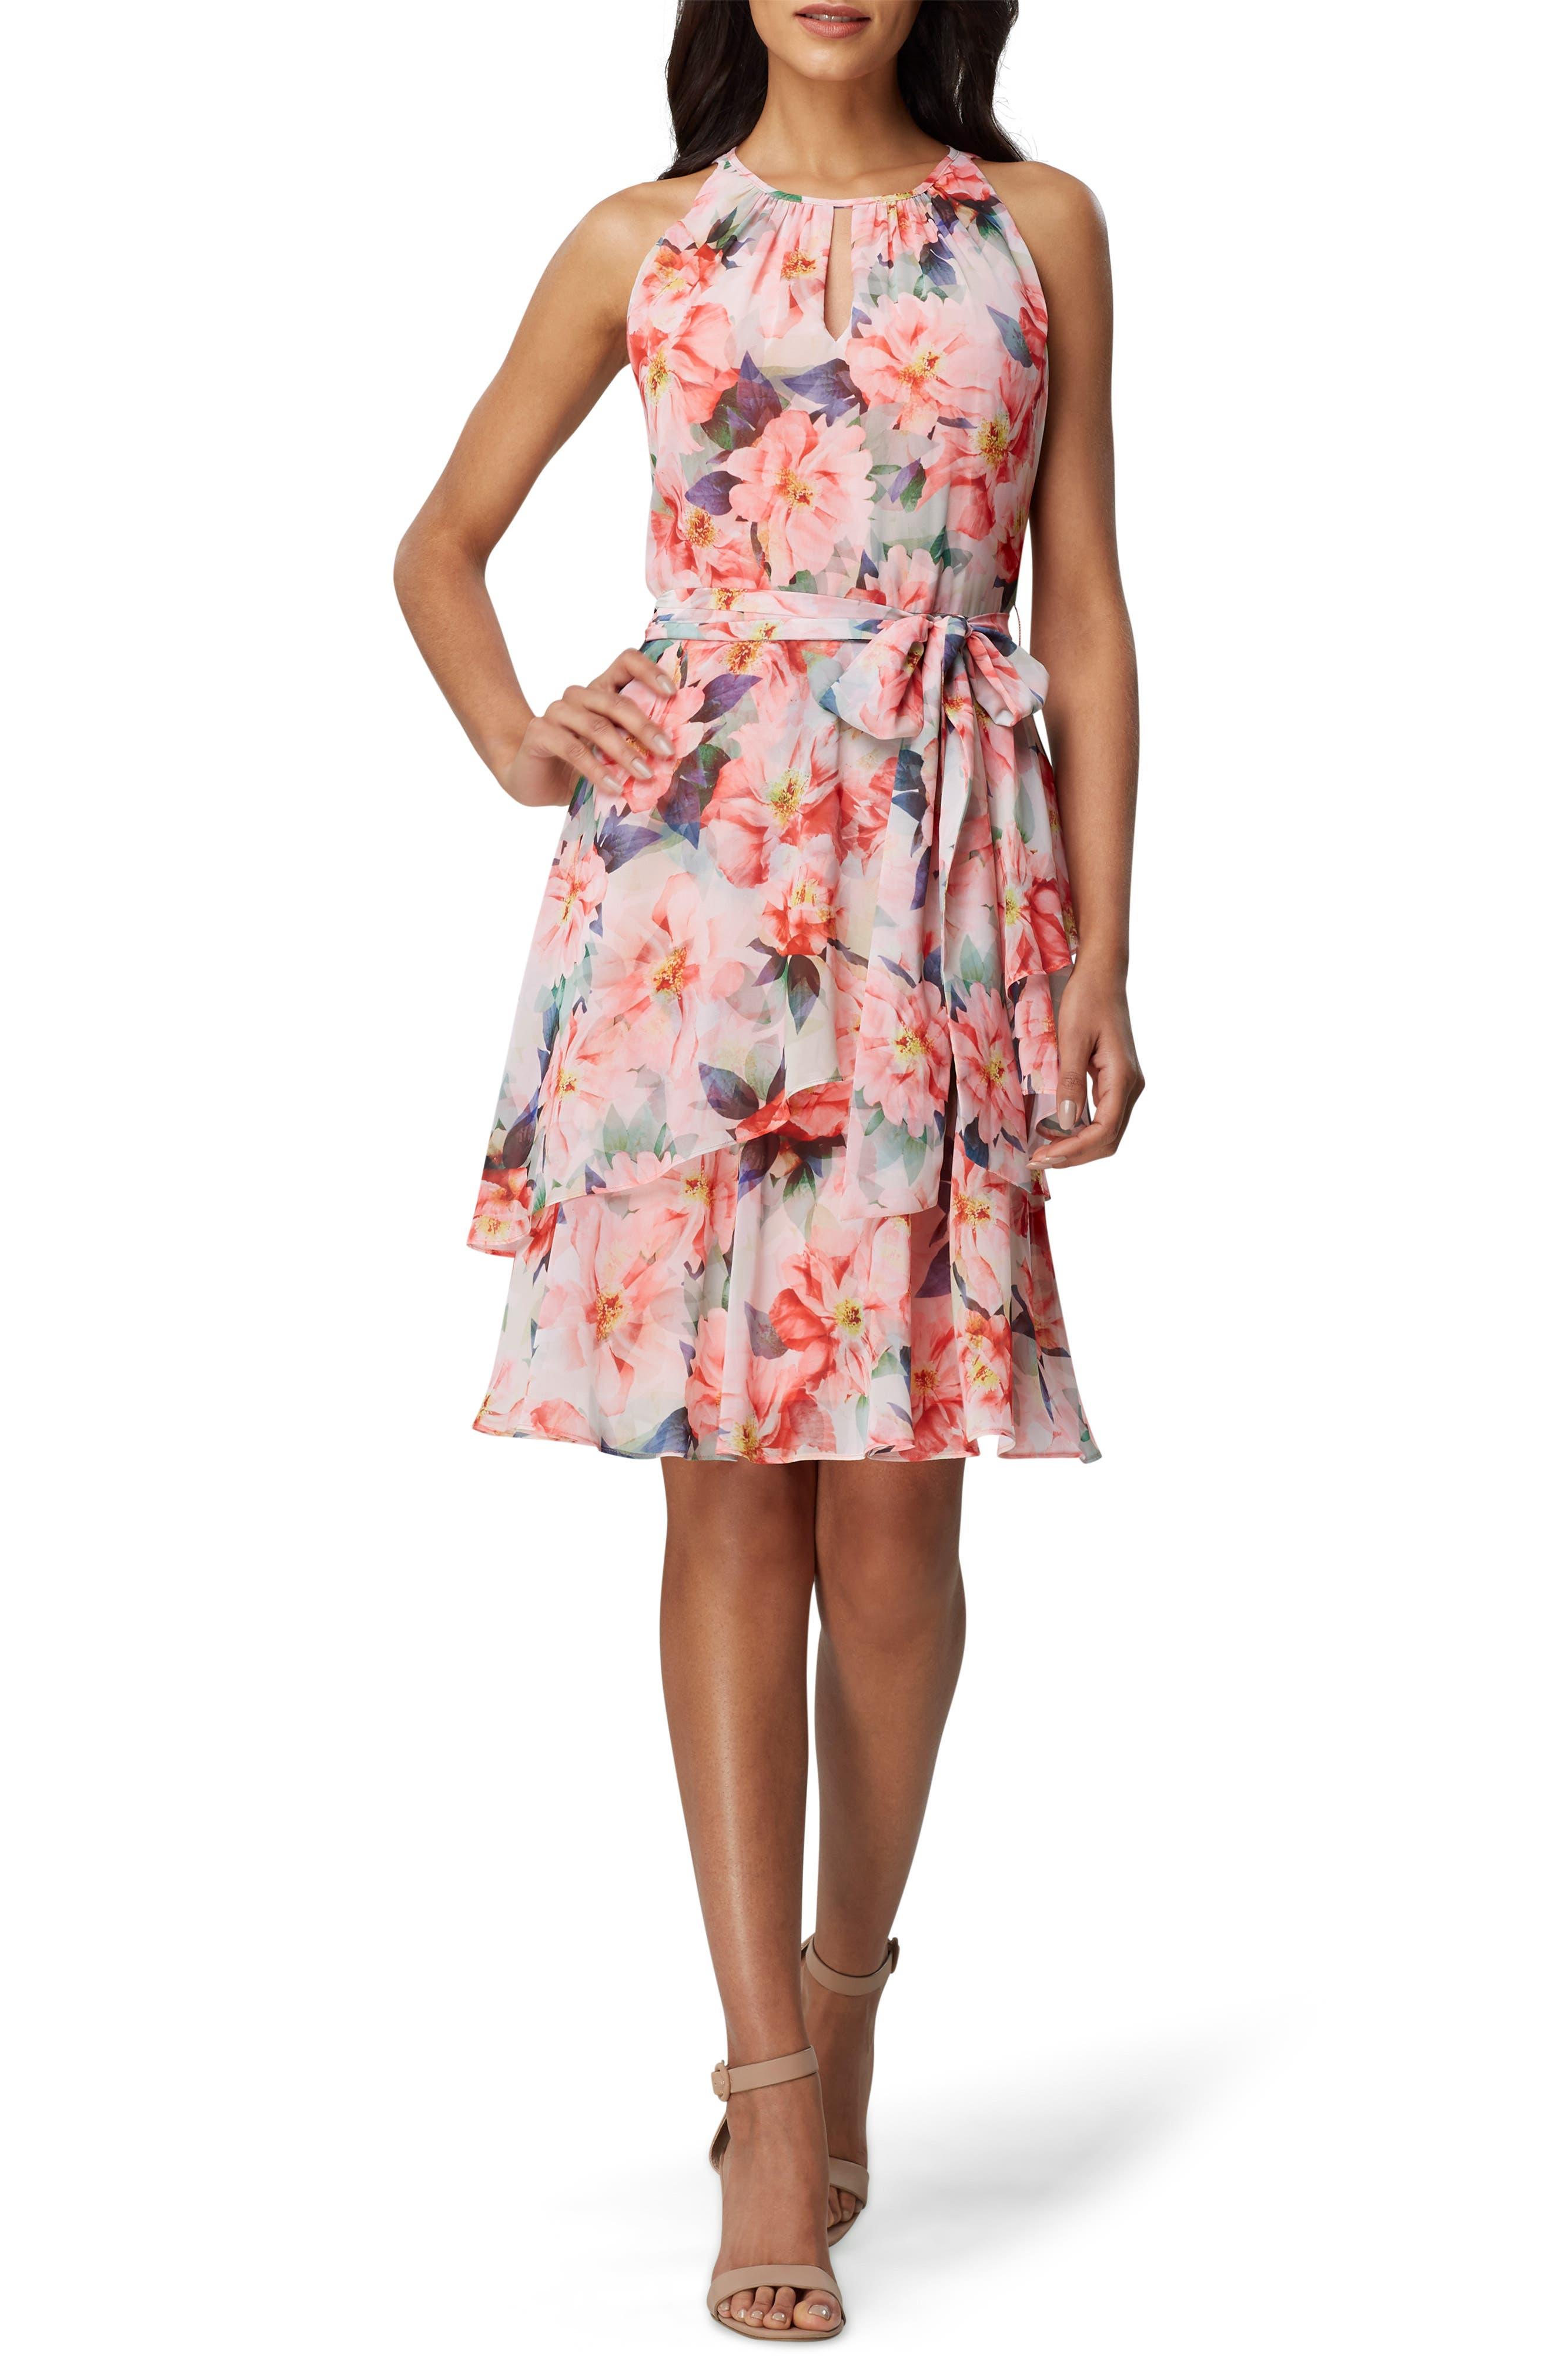 Tahari Floral Chiffon Tiered Shift Dress, Coral